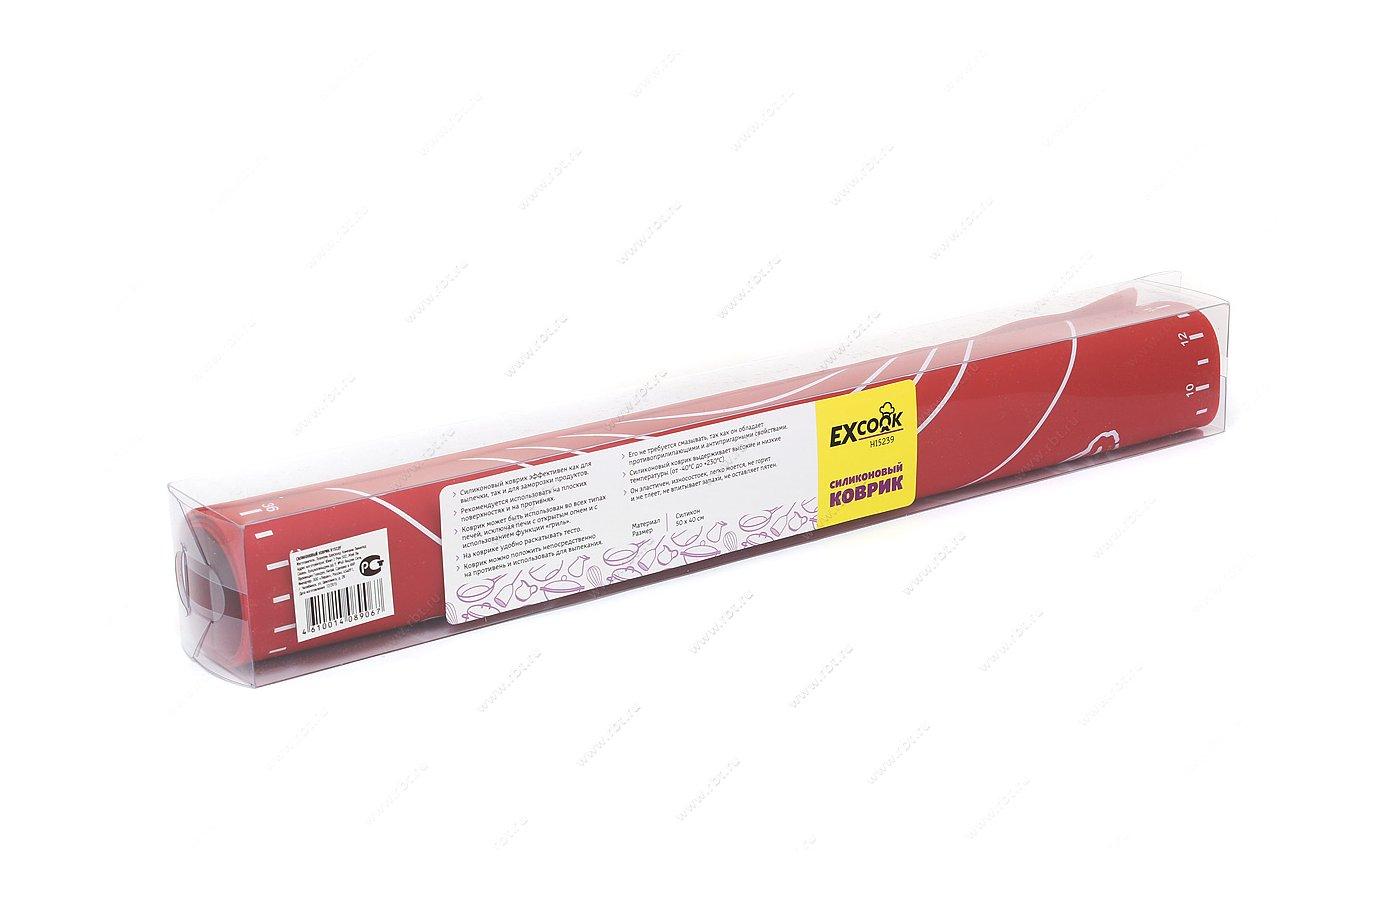 Текстиль кухонный EXCOOK H15239 Силиконовый коврик